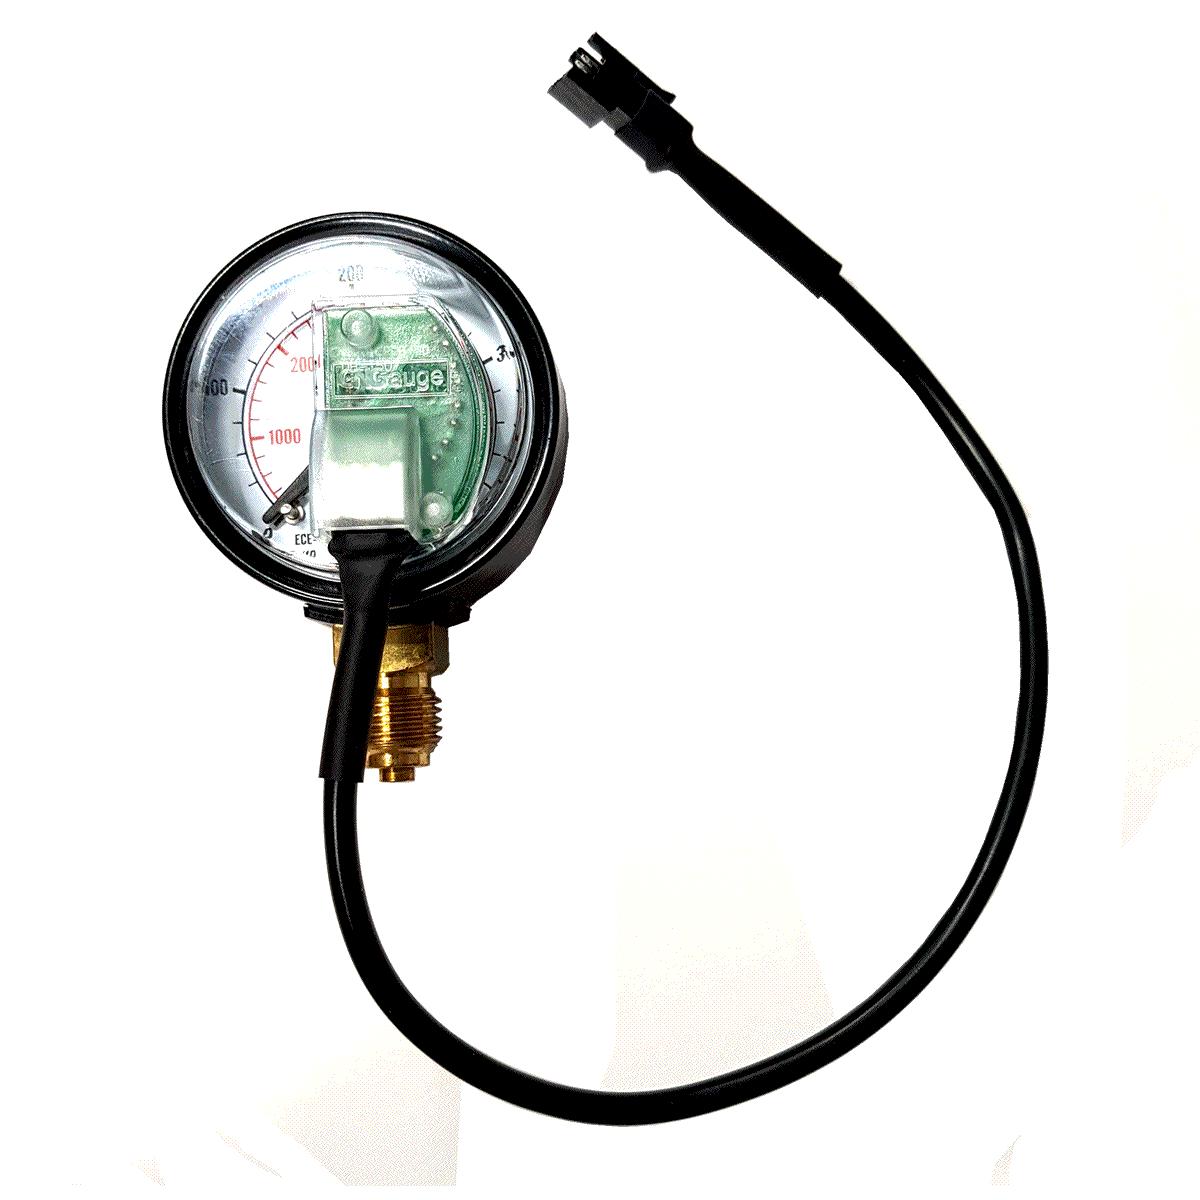 Manômetro T800 P/comutadoras TURY GAS T1000 T1011 T1015 T1200 T3000 IGT